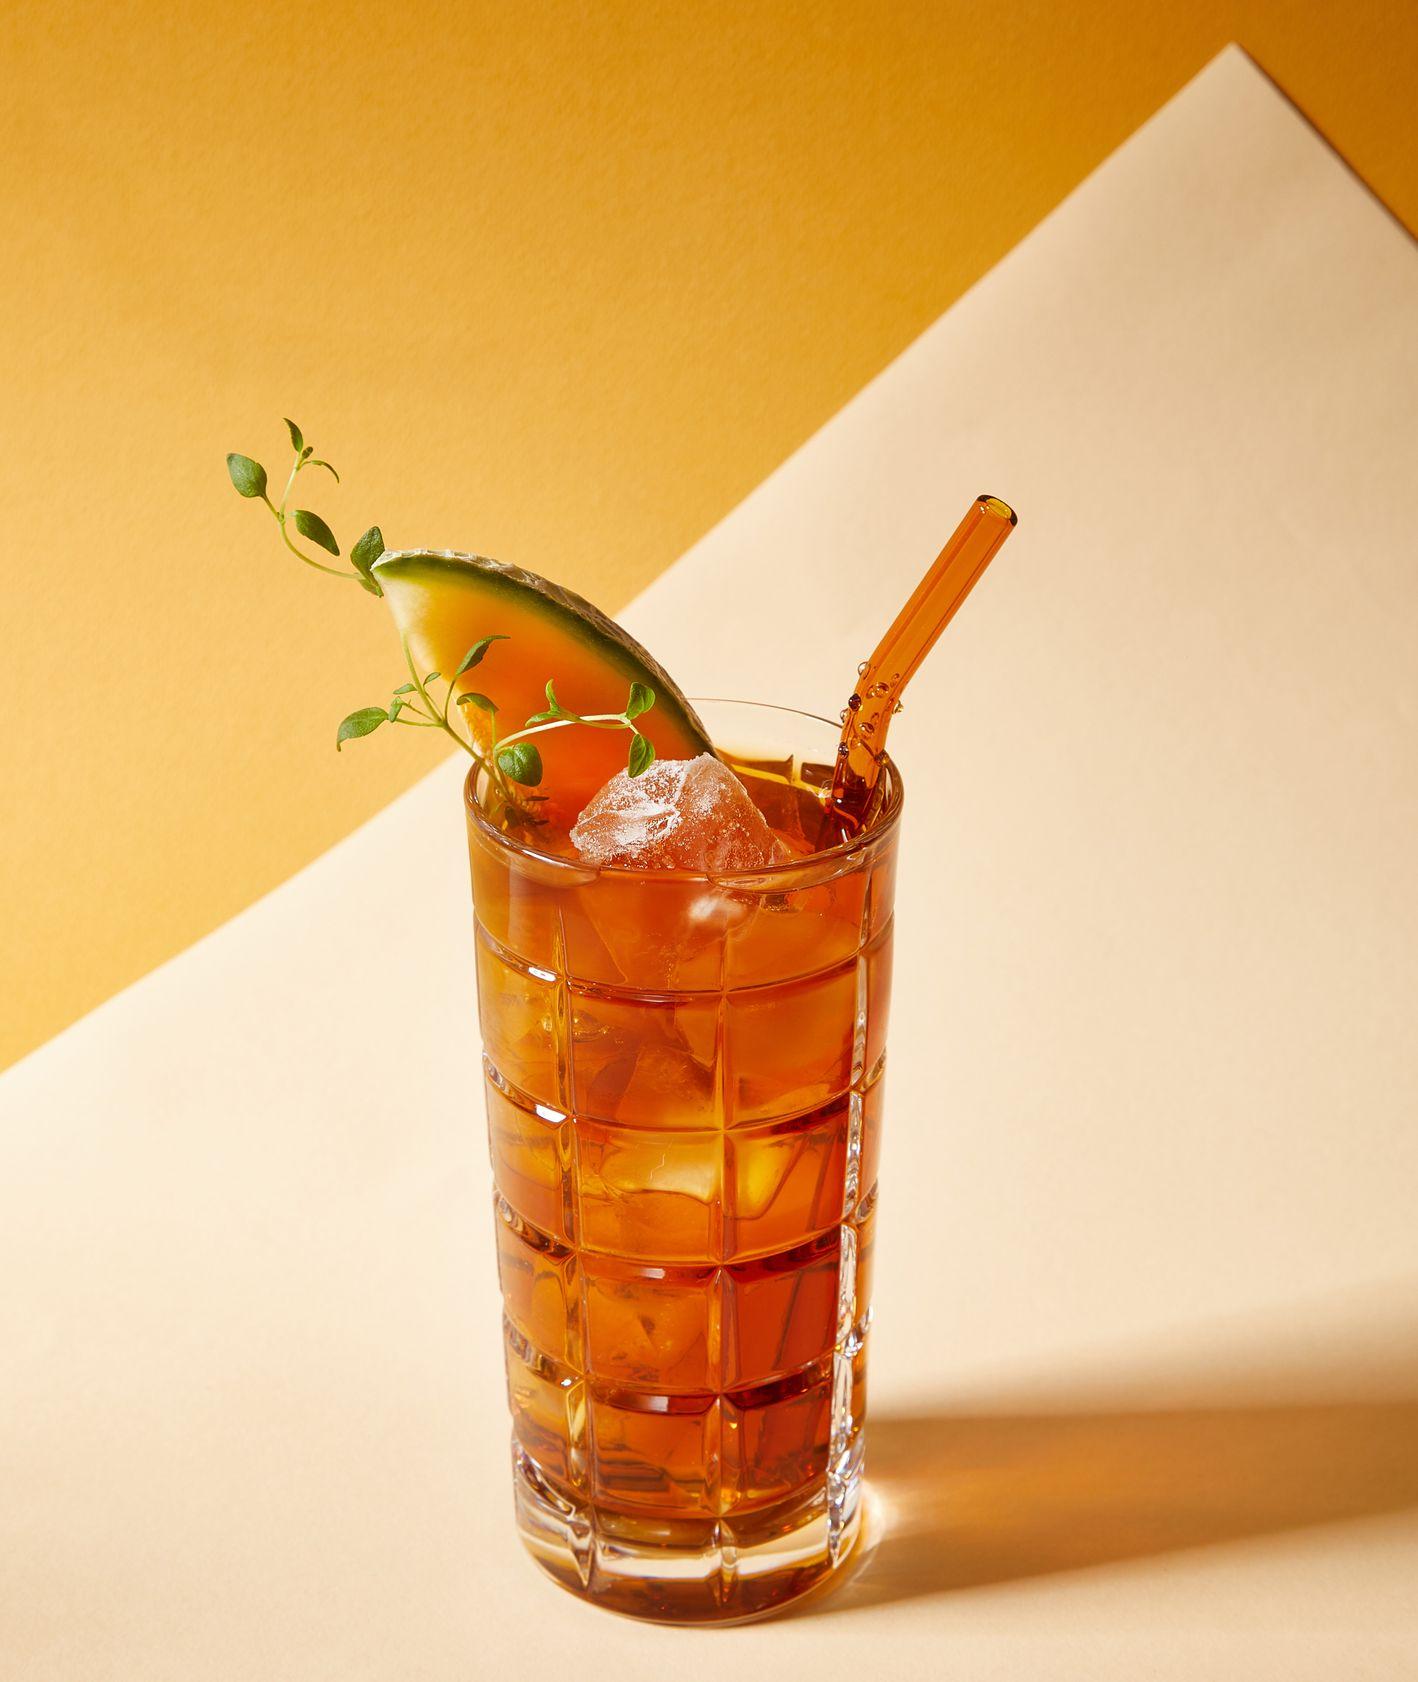 Koktail z whiskey i brzoskwnią. Drinki z whiskey. Johny Walker (fot. Maciek Niemojewski)